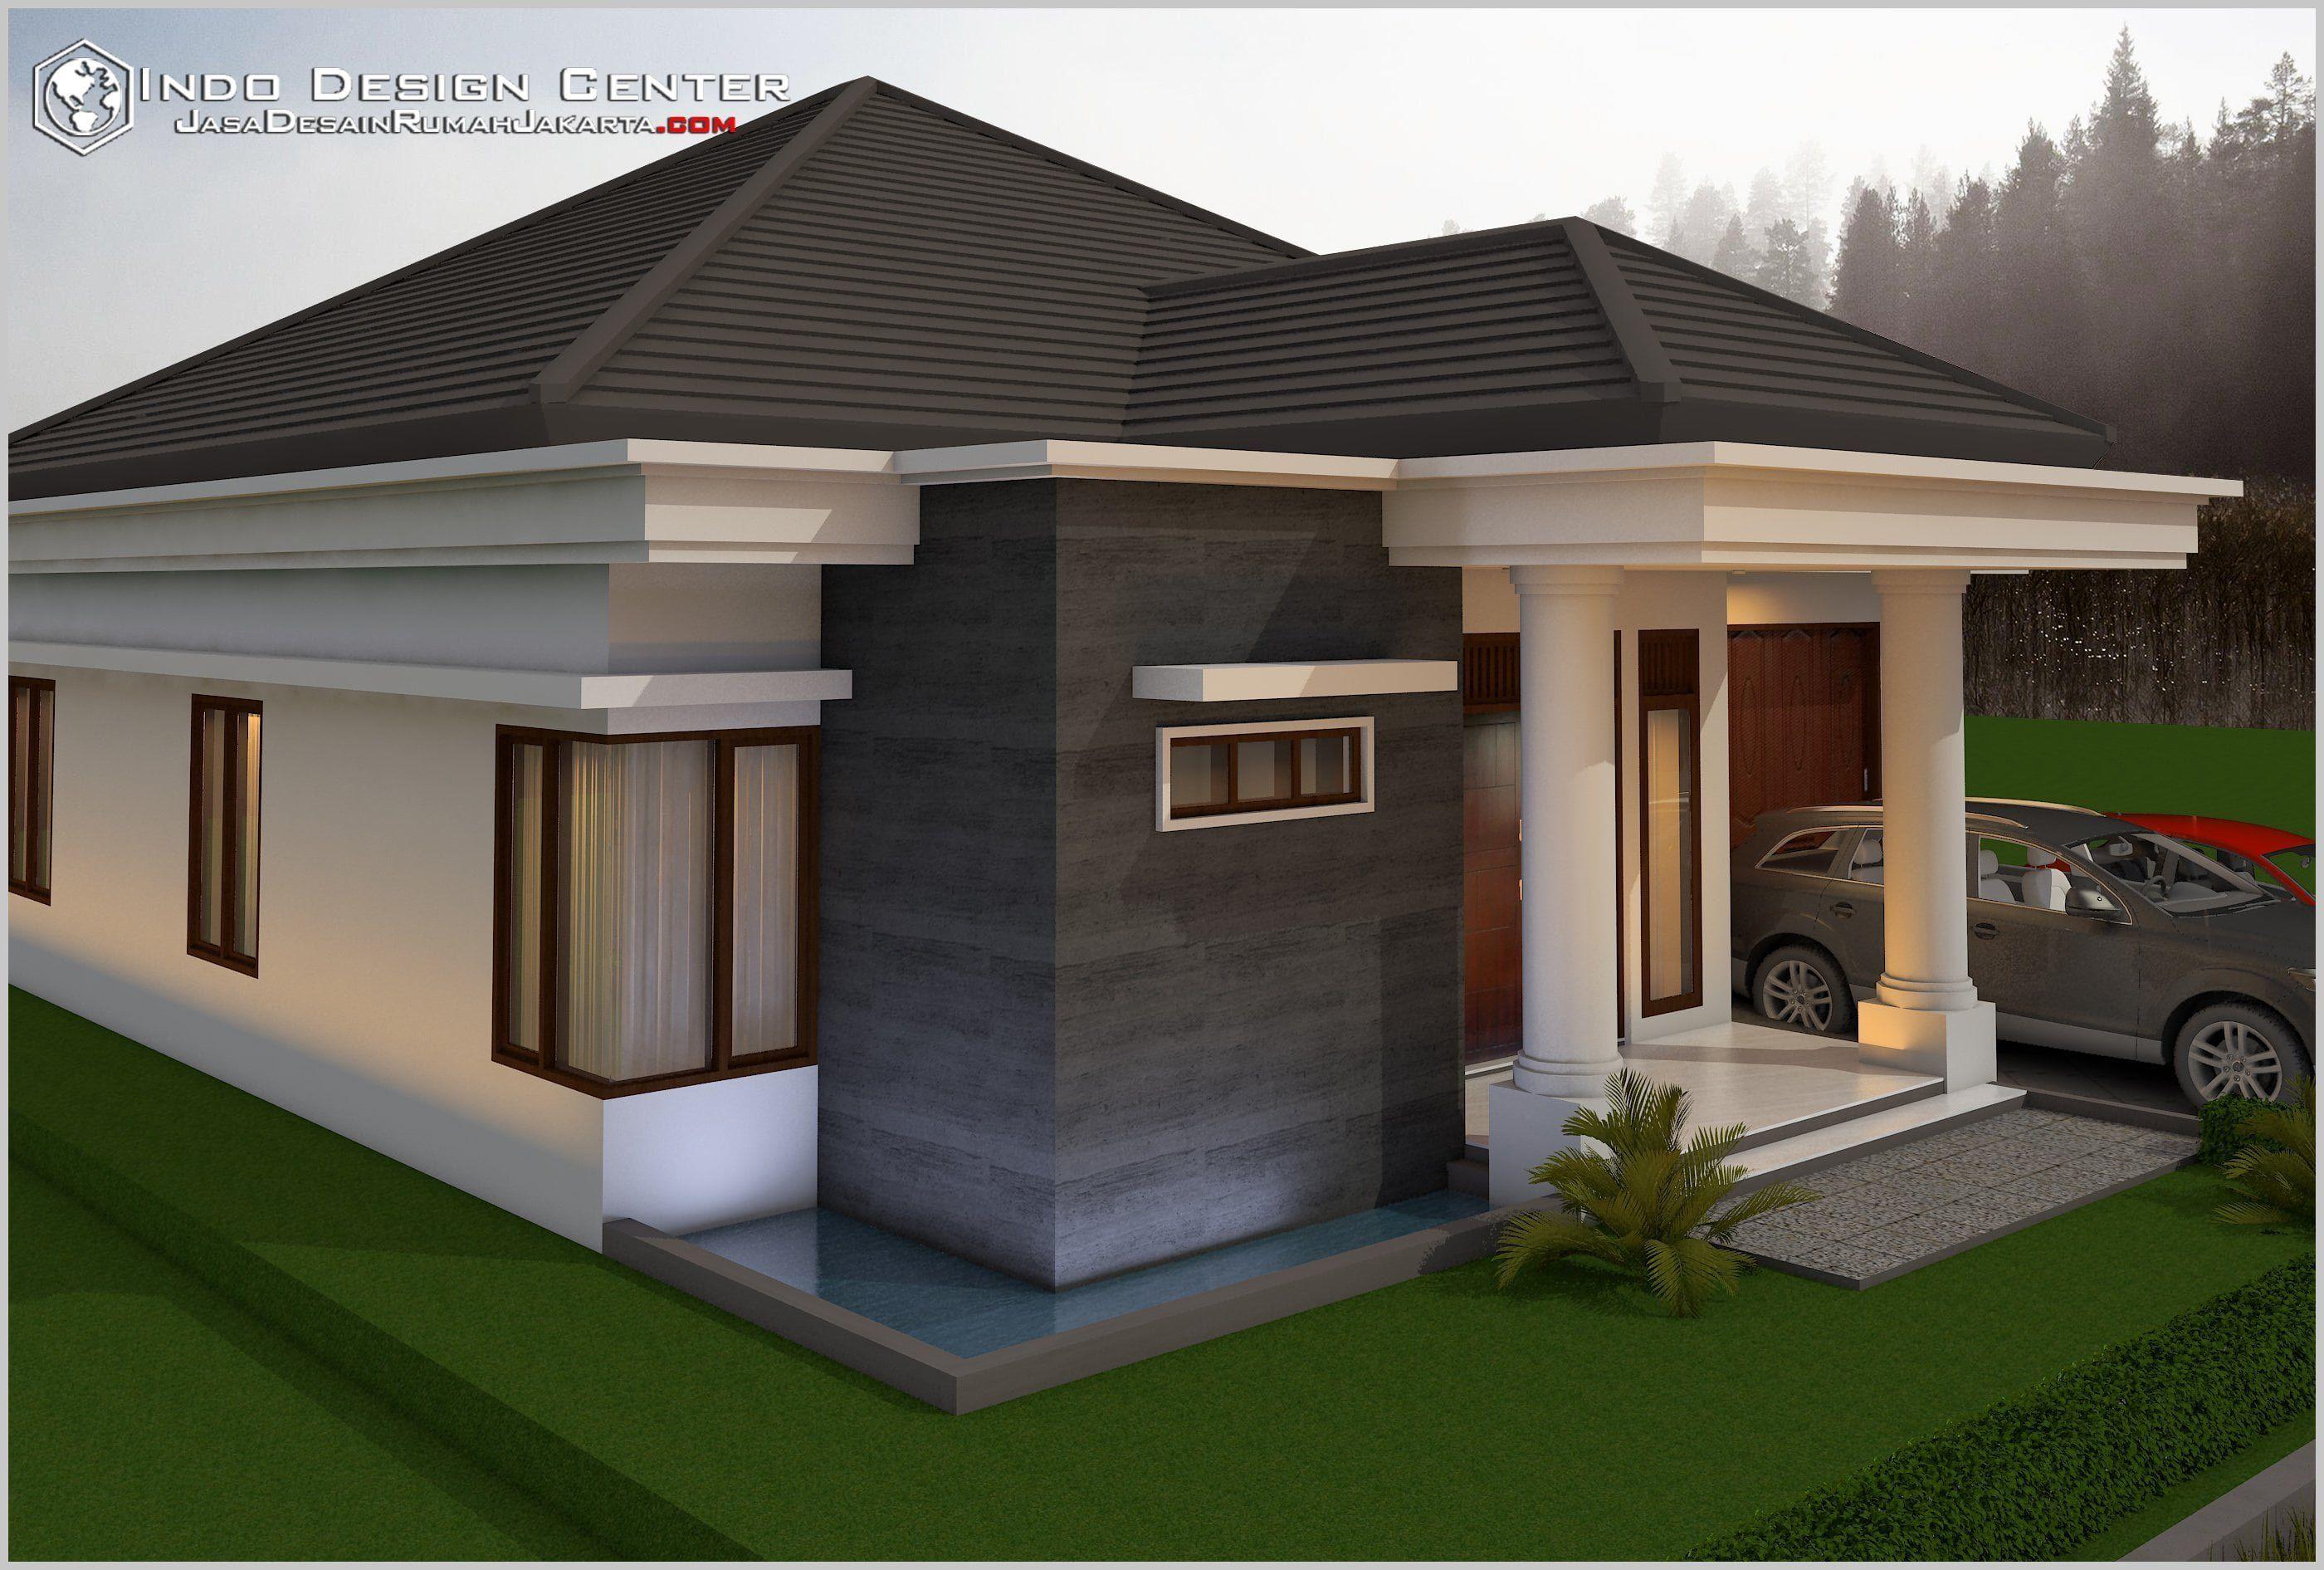 Rumah Idaman Sederhana Di Desa House Design Bungalow House Design House Plans Mansion Rumah di desa sederhana